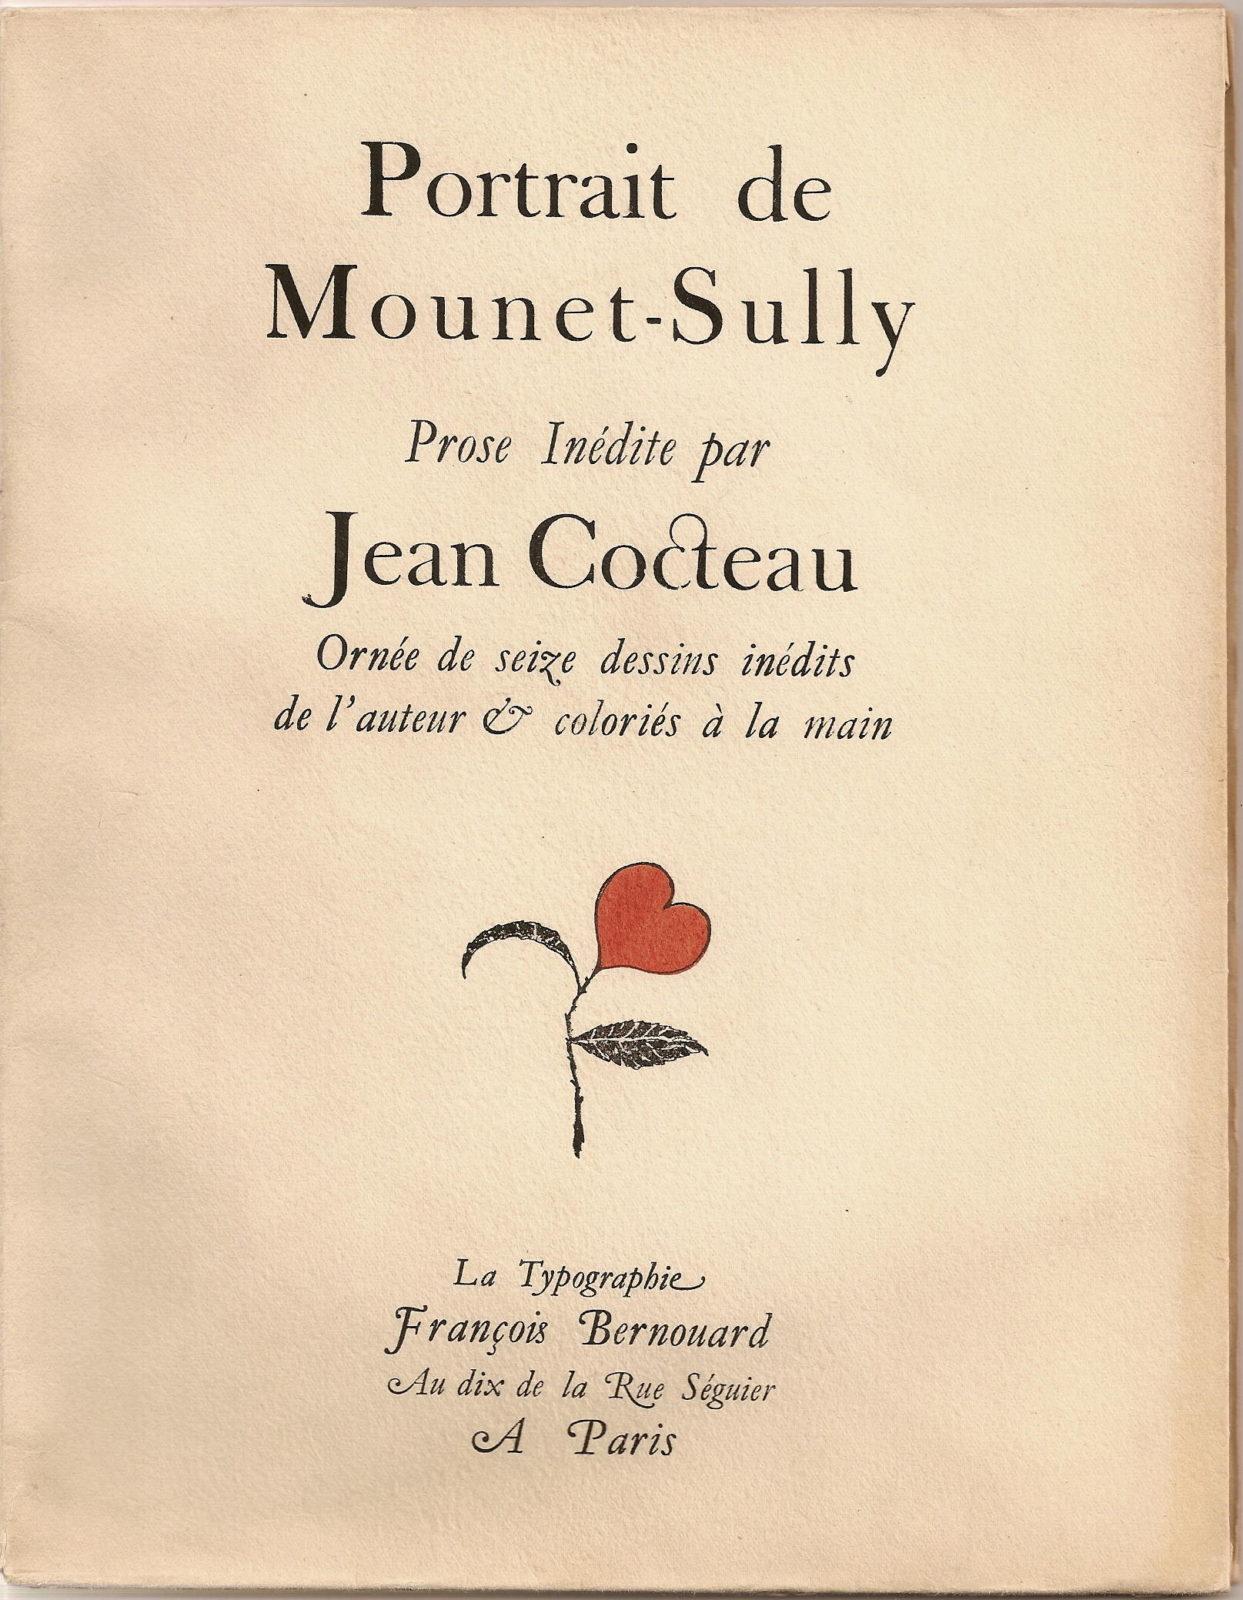 Jean Cocteau - Portrait de Mounet-Sully